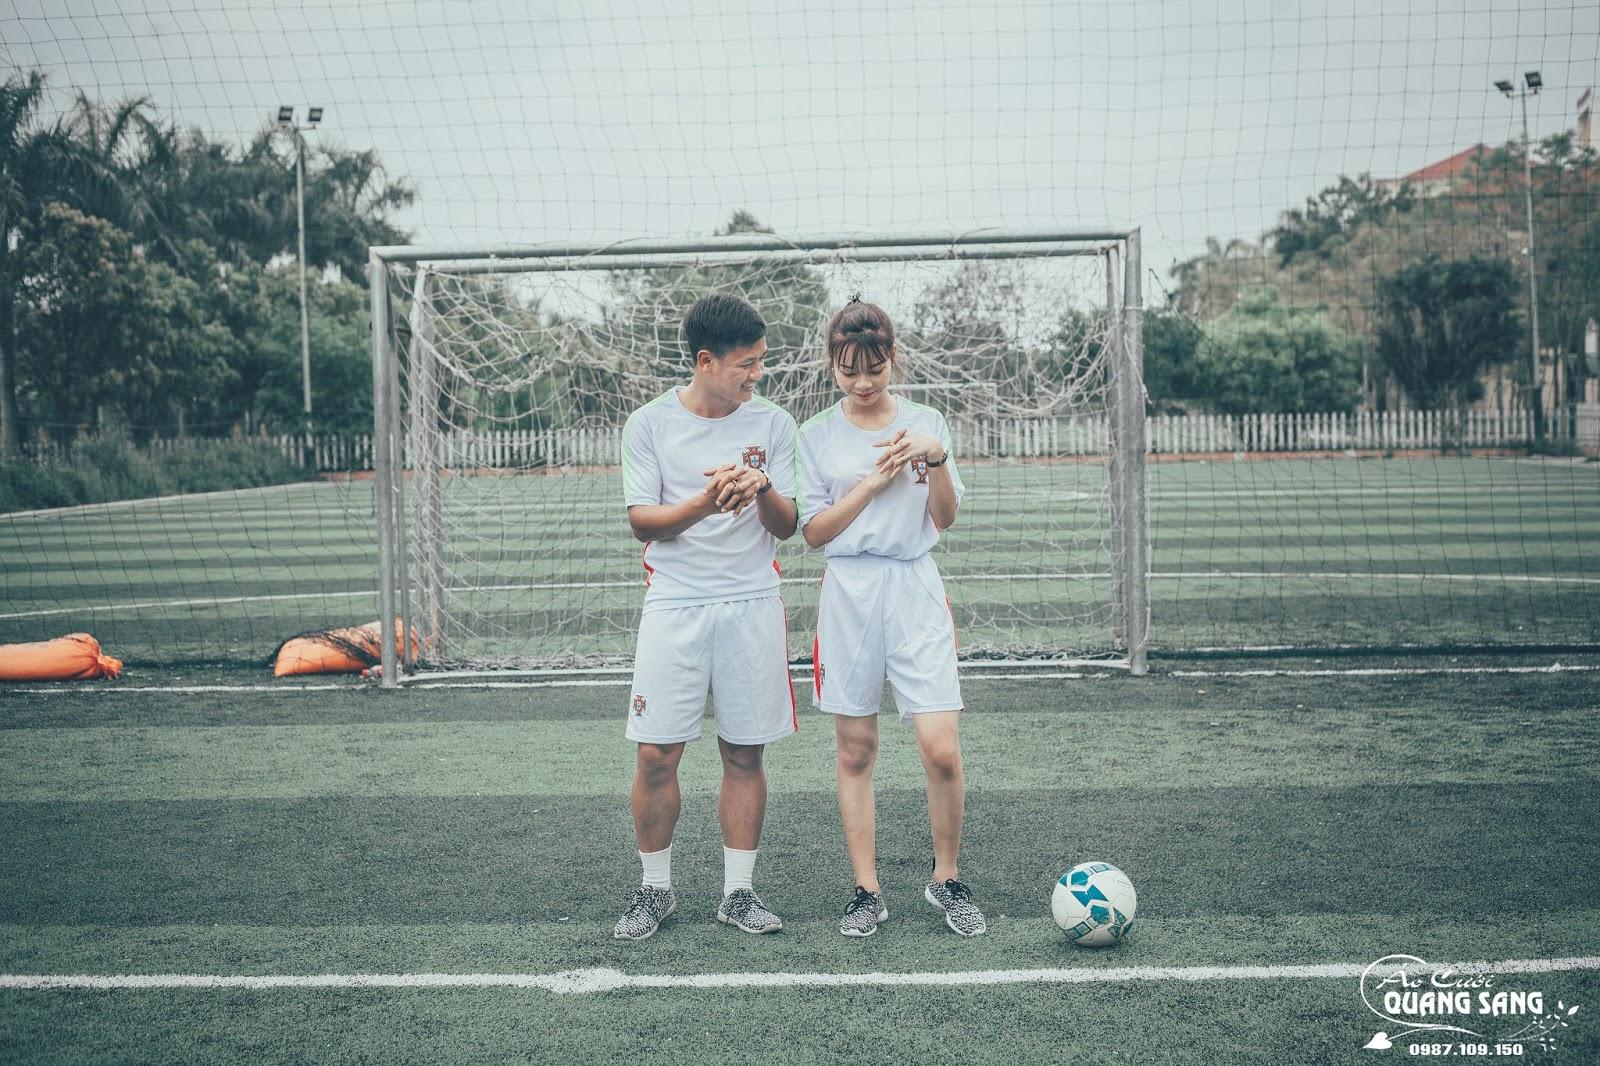 Bộ ảnh ở sân bóng sinh động, độc đáo và cũng không kém phần ý nghĩa của hai người được thực hiện ngay trên sân cỏ Lương ngọc Hoàng thường đến tập ...